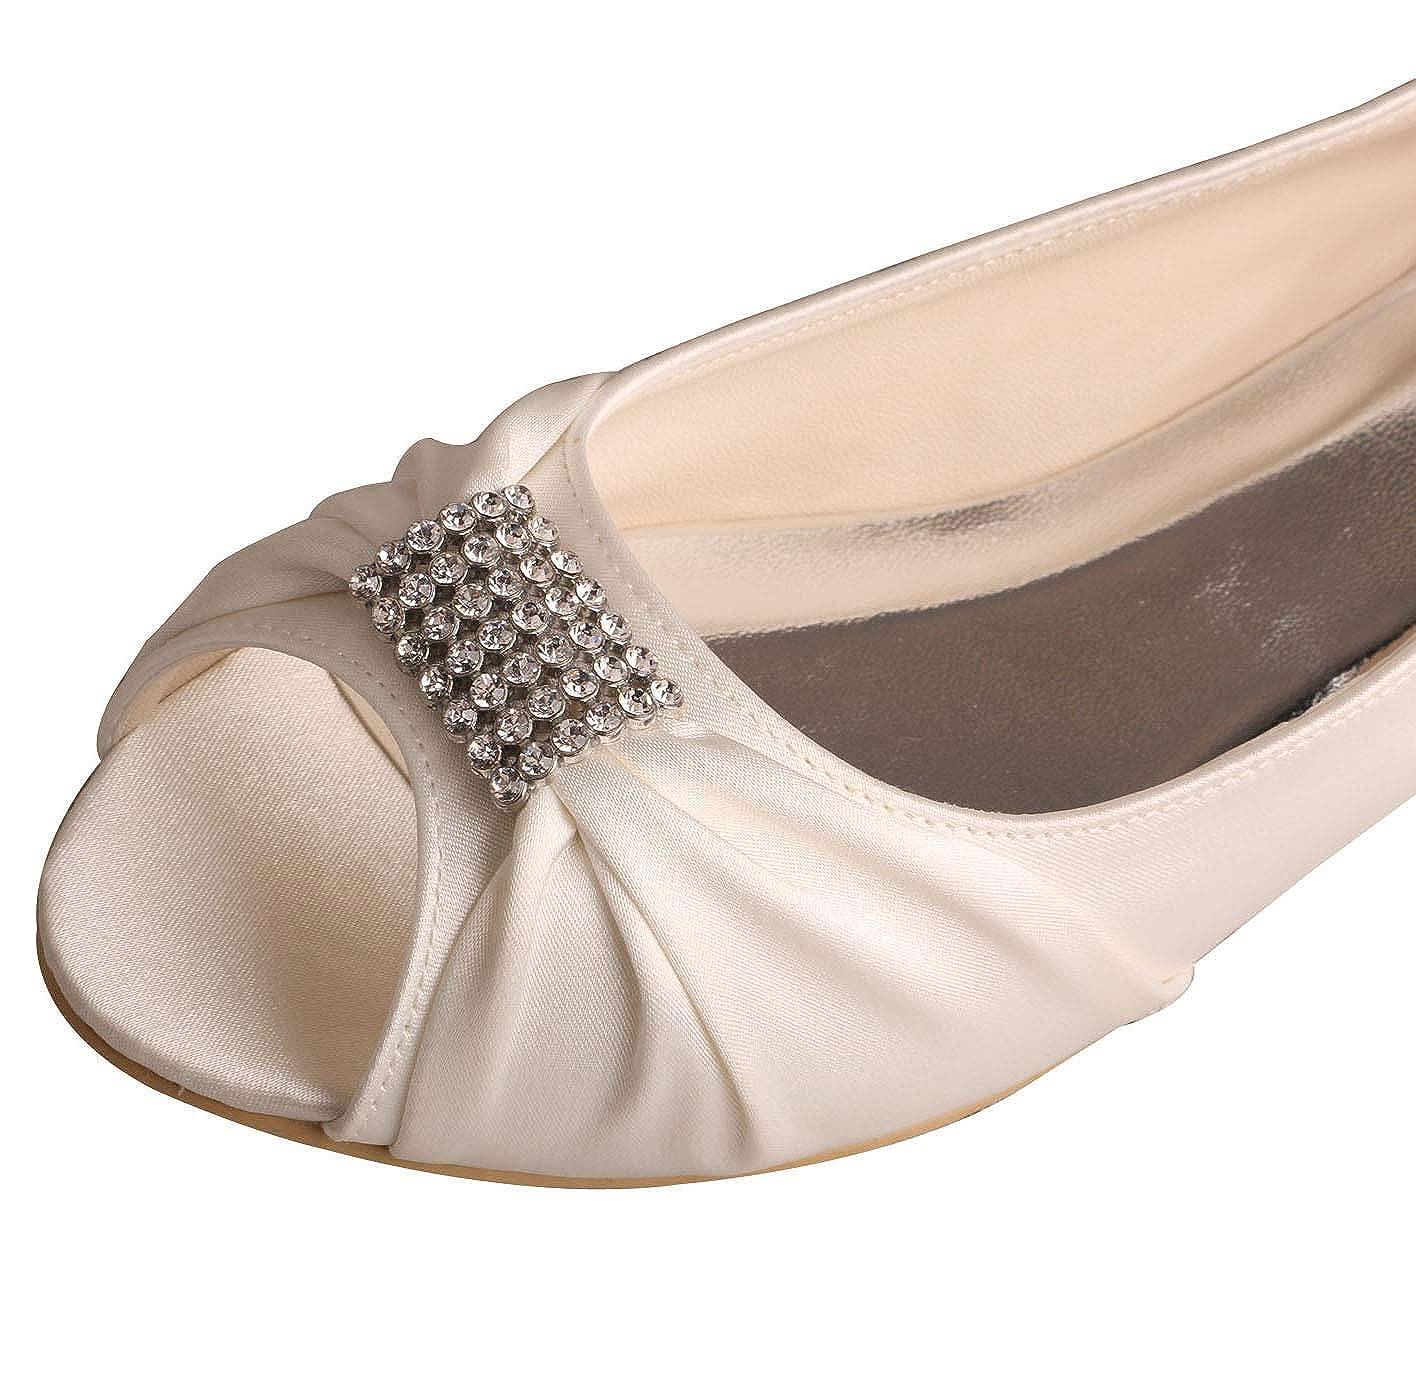 261ea544d5 SERAPH MW1361 Mujer satén pedrería bailarinas plana boda nupcial zapatos de  fiesta: Amazon.es: Ropa y accesorios